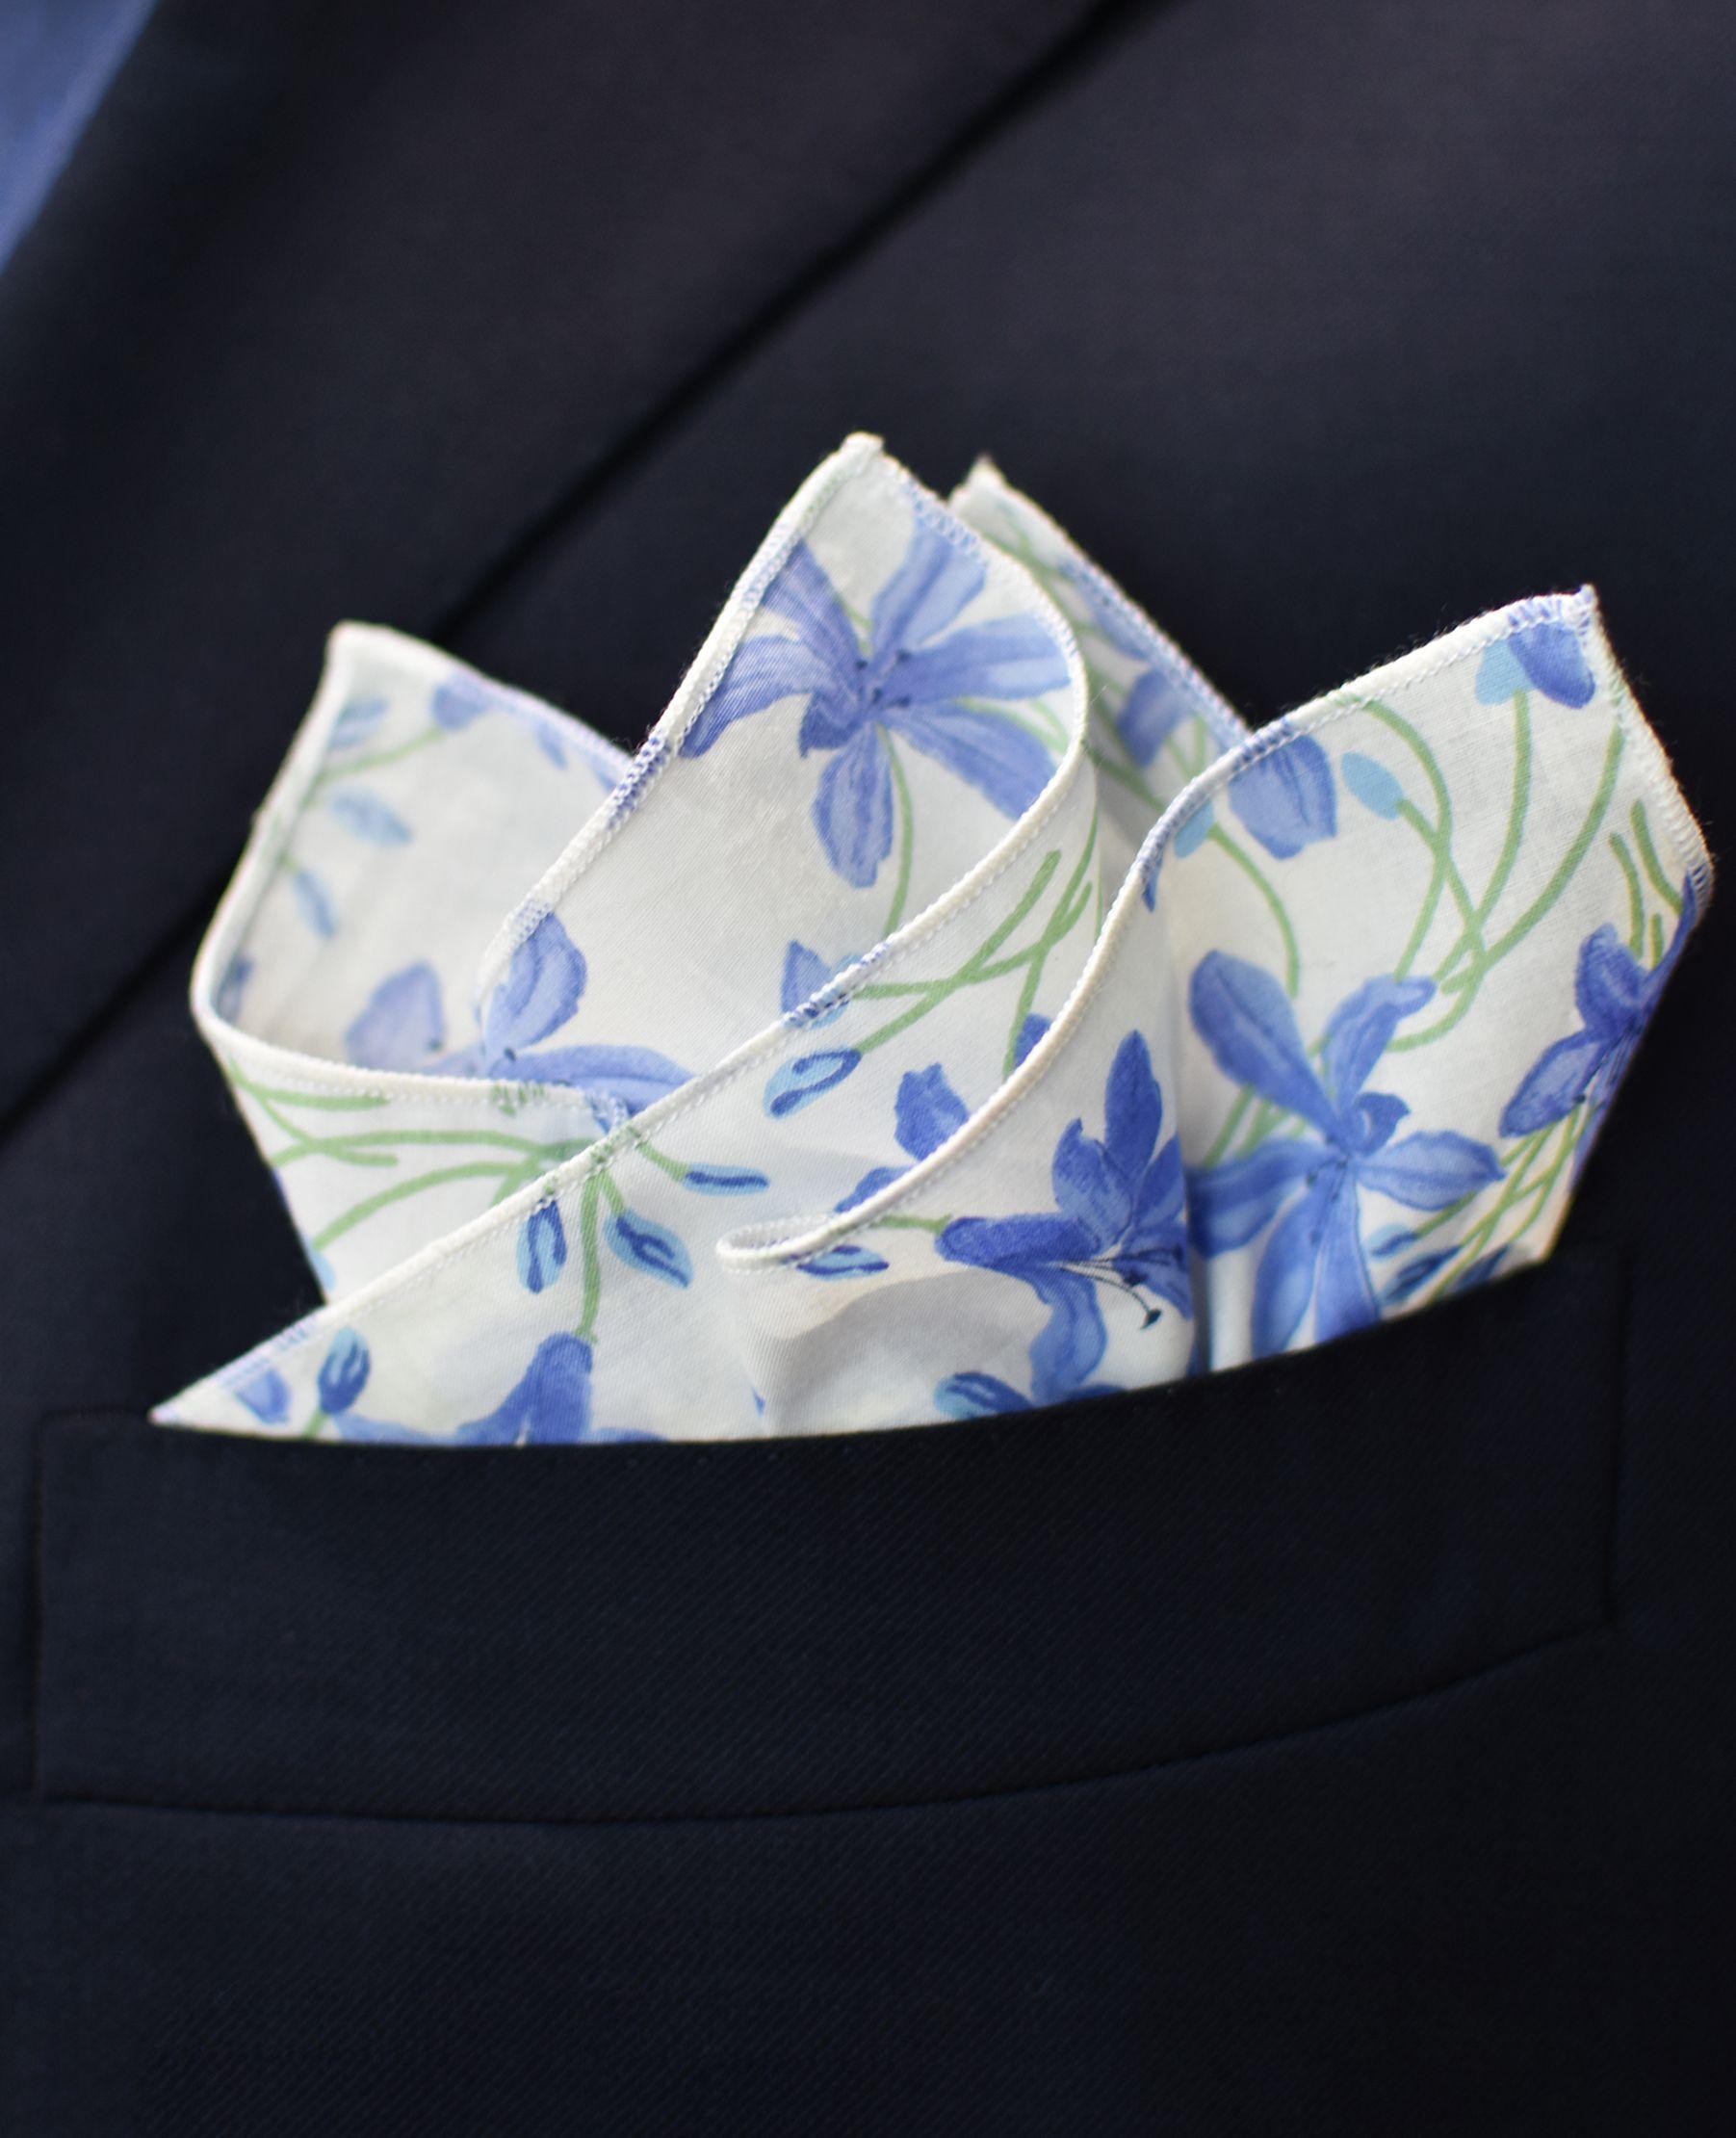 Fazzoletto da taschino con motivo a fiori color blu, su un